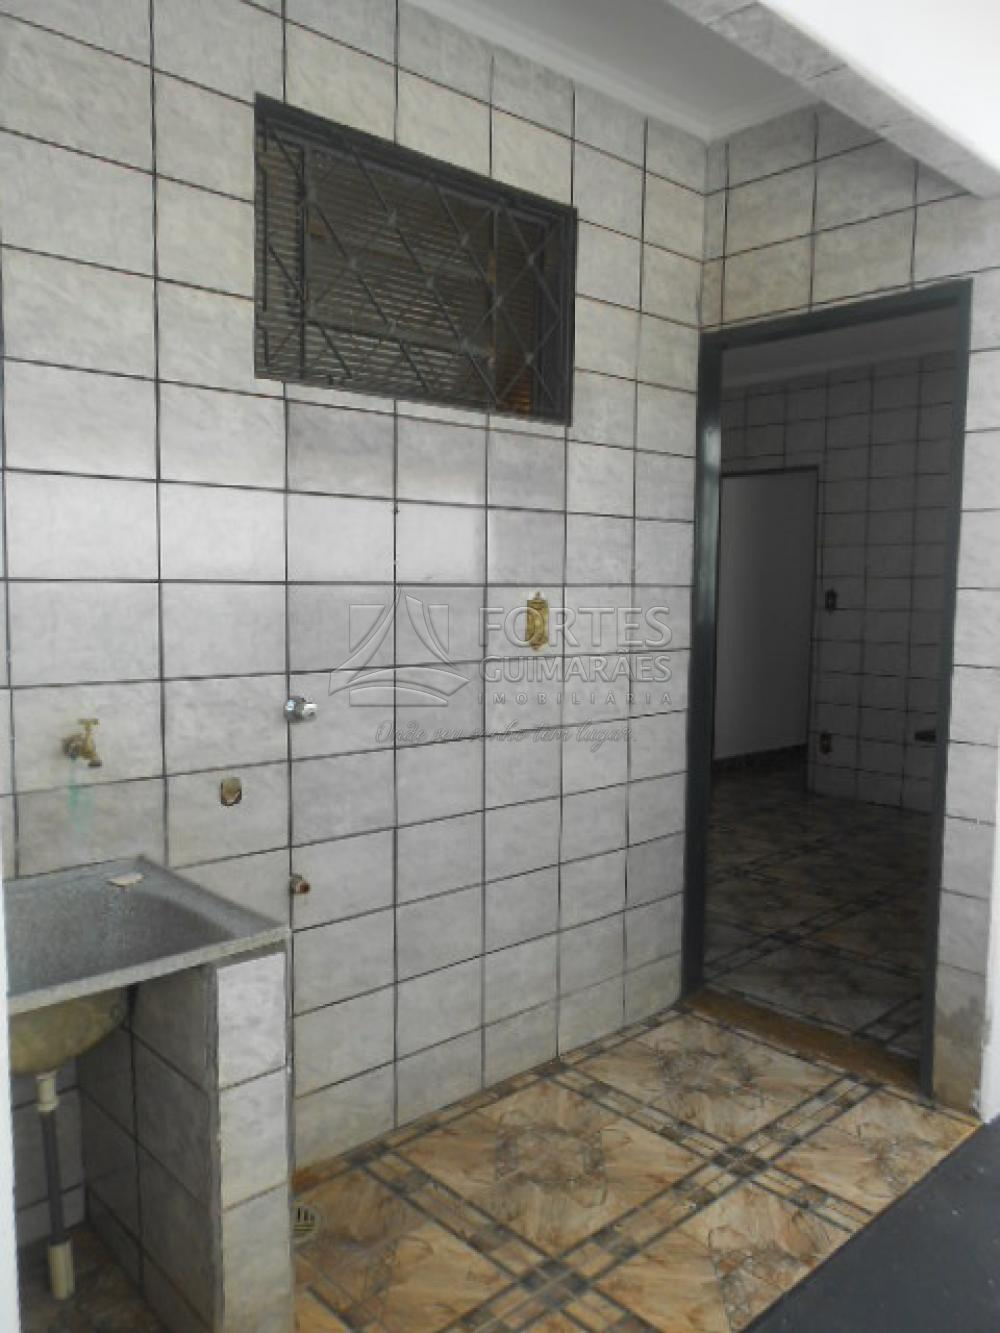 Alugar Casas / Padrão em Ribeirão Preto apenas R$ 950,00 - Foto 34